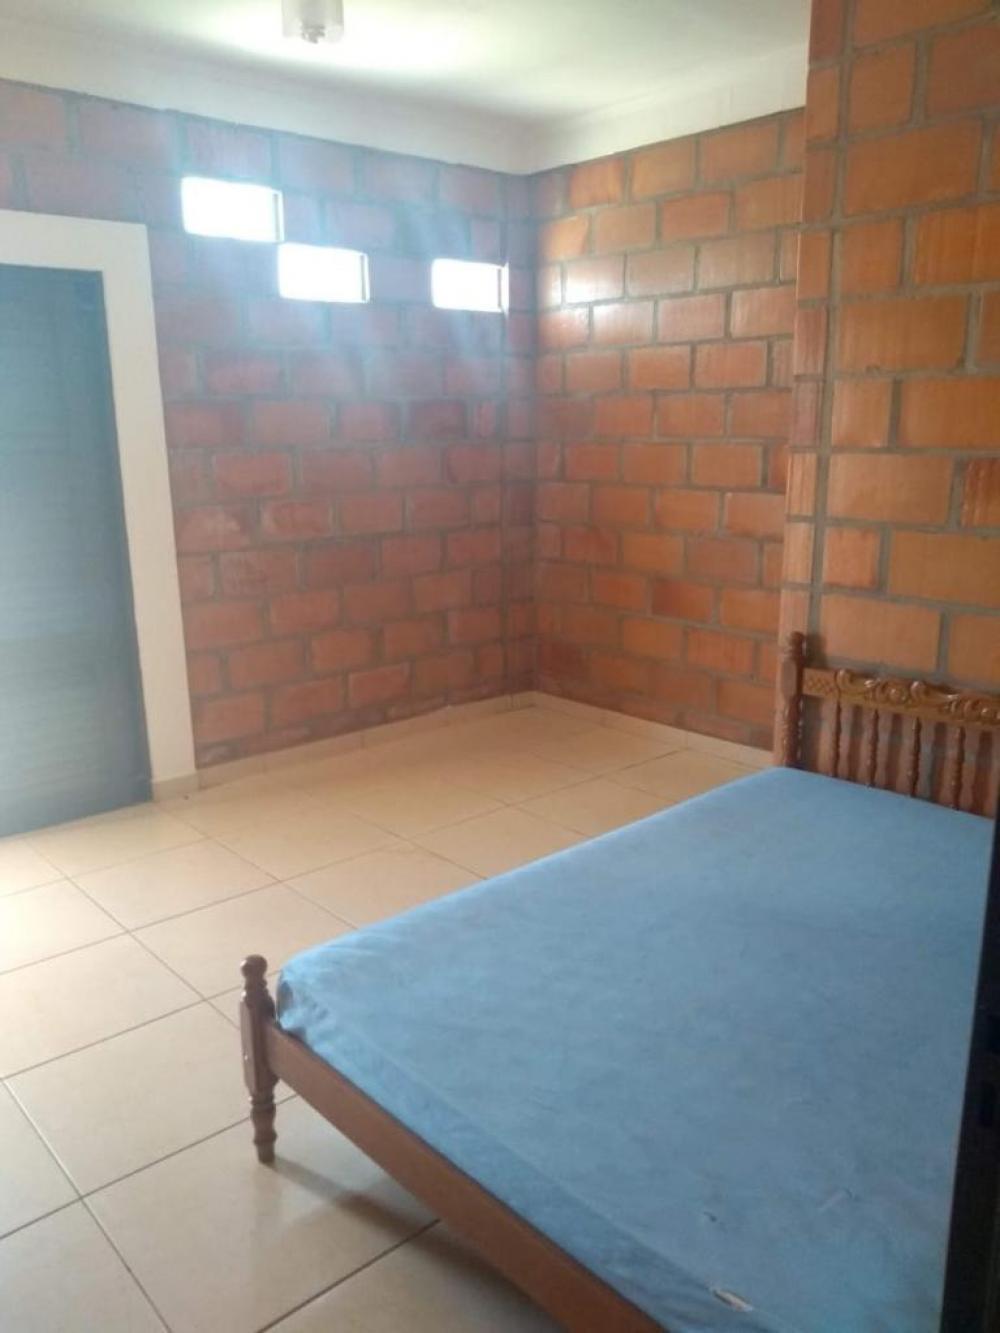 Comprar Casa / Sobrado em Bonfim Paulista R$ 355.000,00 - Foto 8